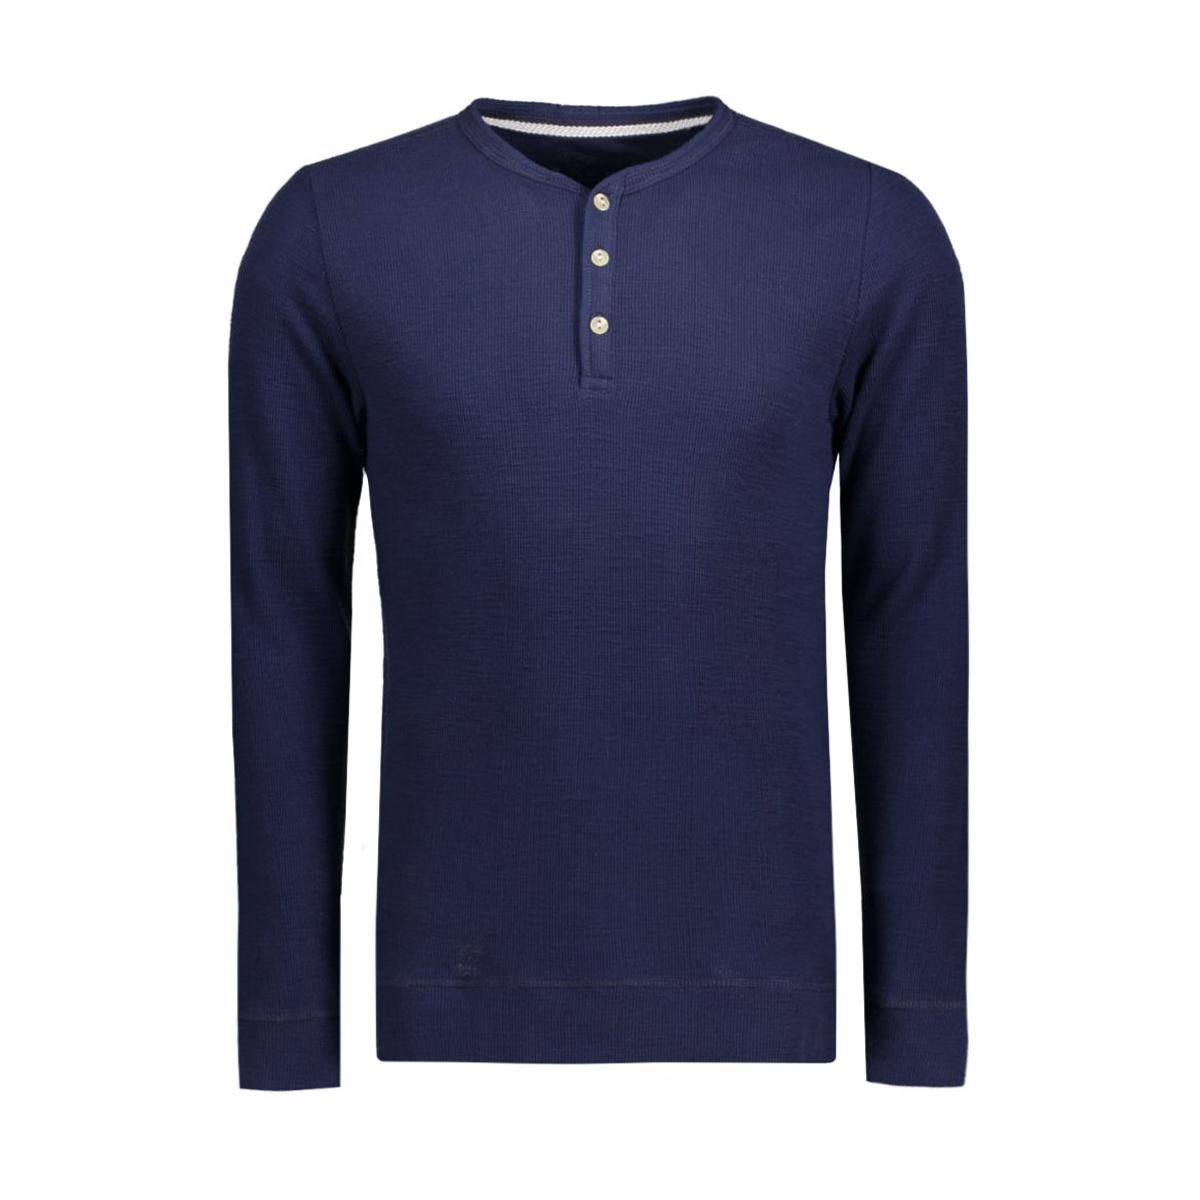 106ee2k034 esprit t-shirt e400